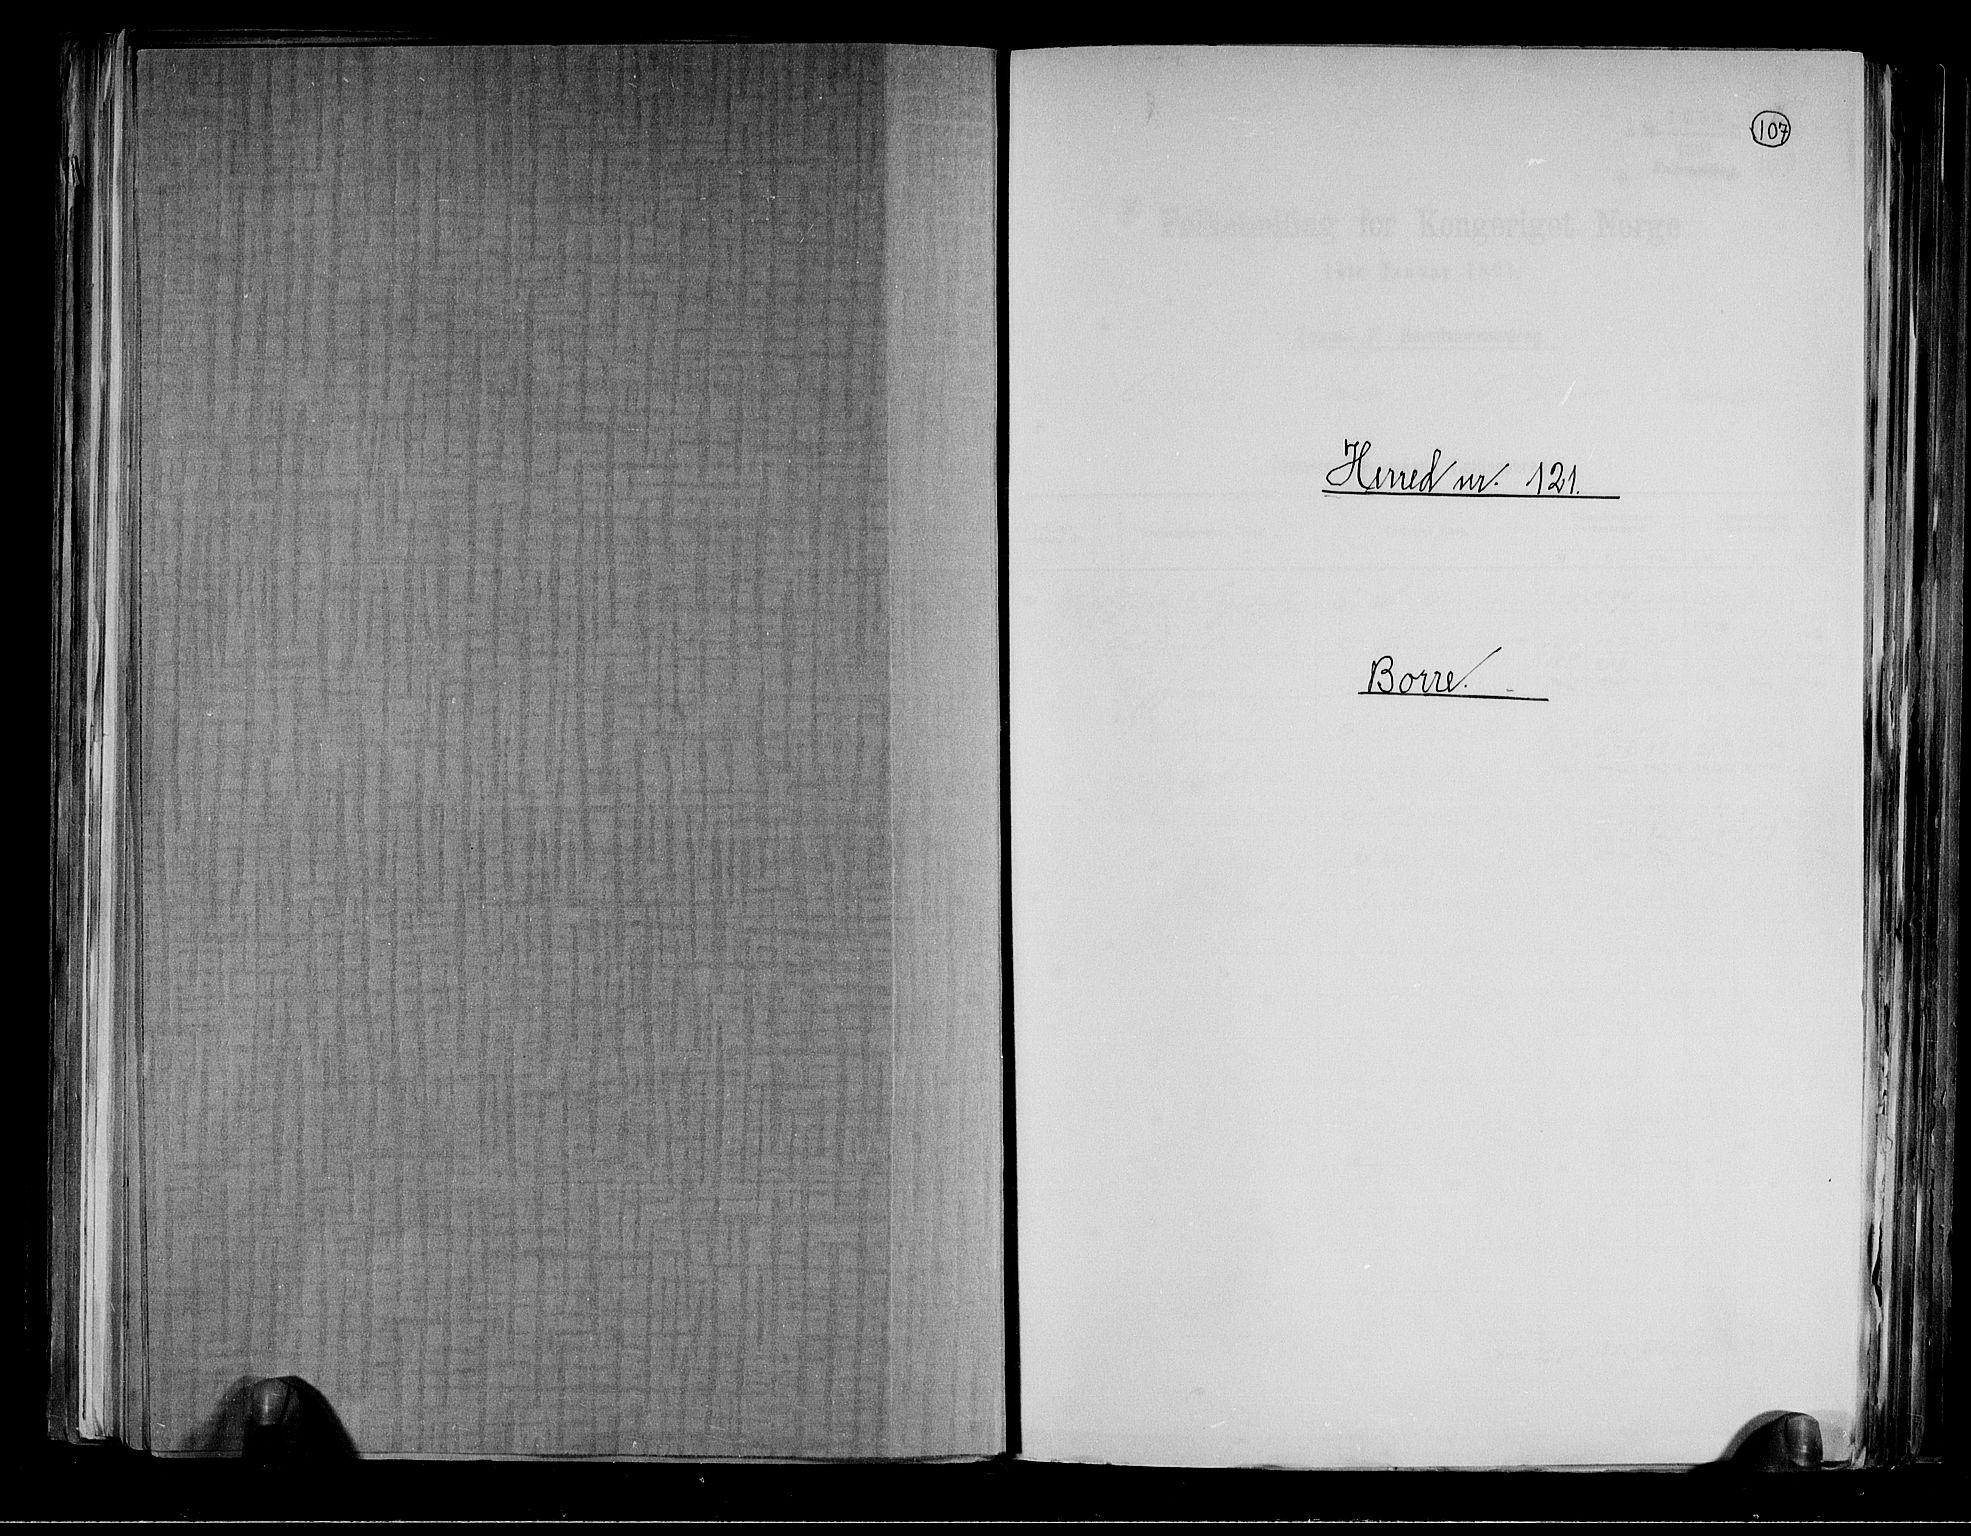 RA, Folketelling 1891 for 0717 Borre herred, 1891, s. 1